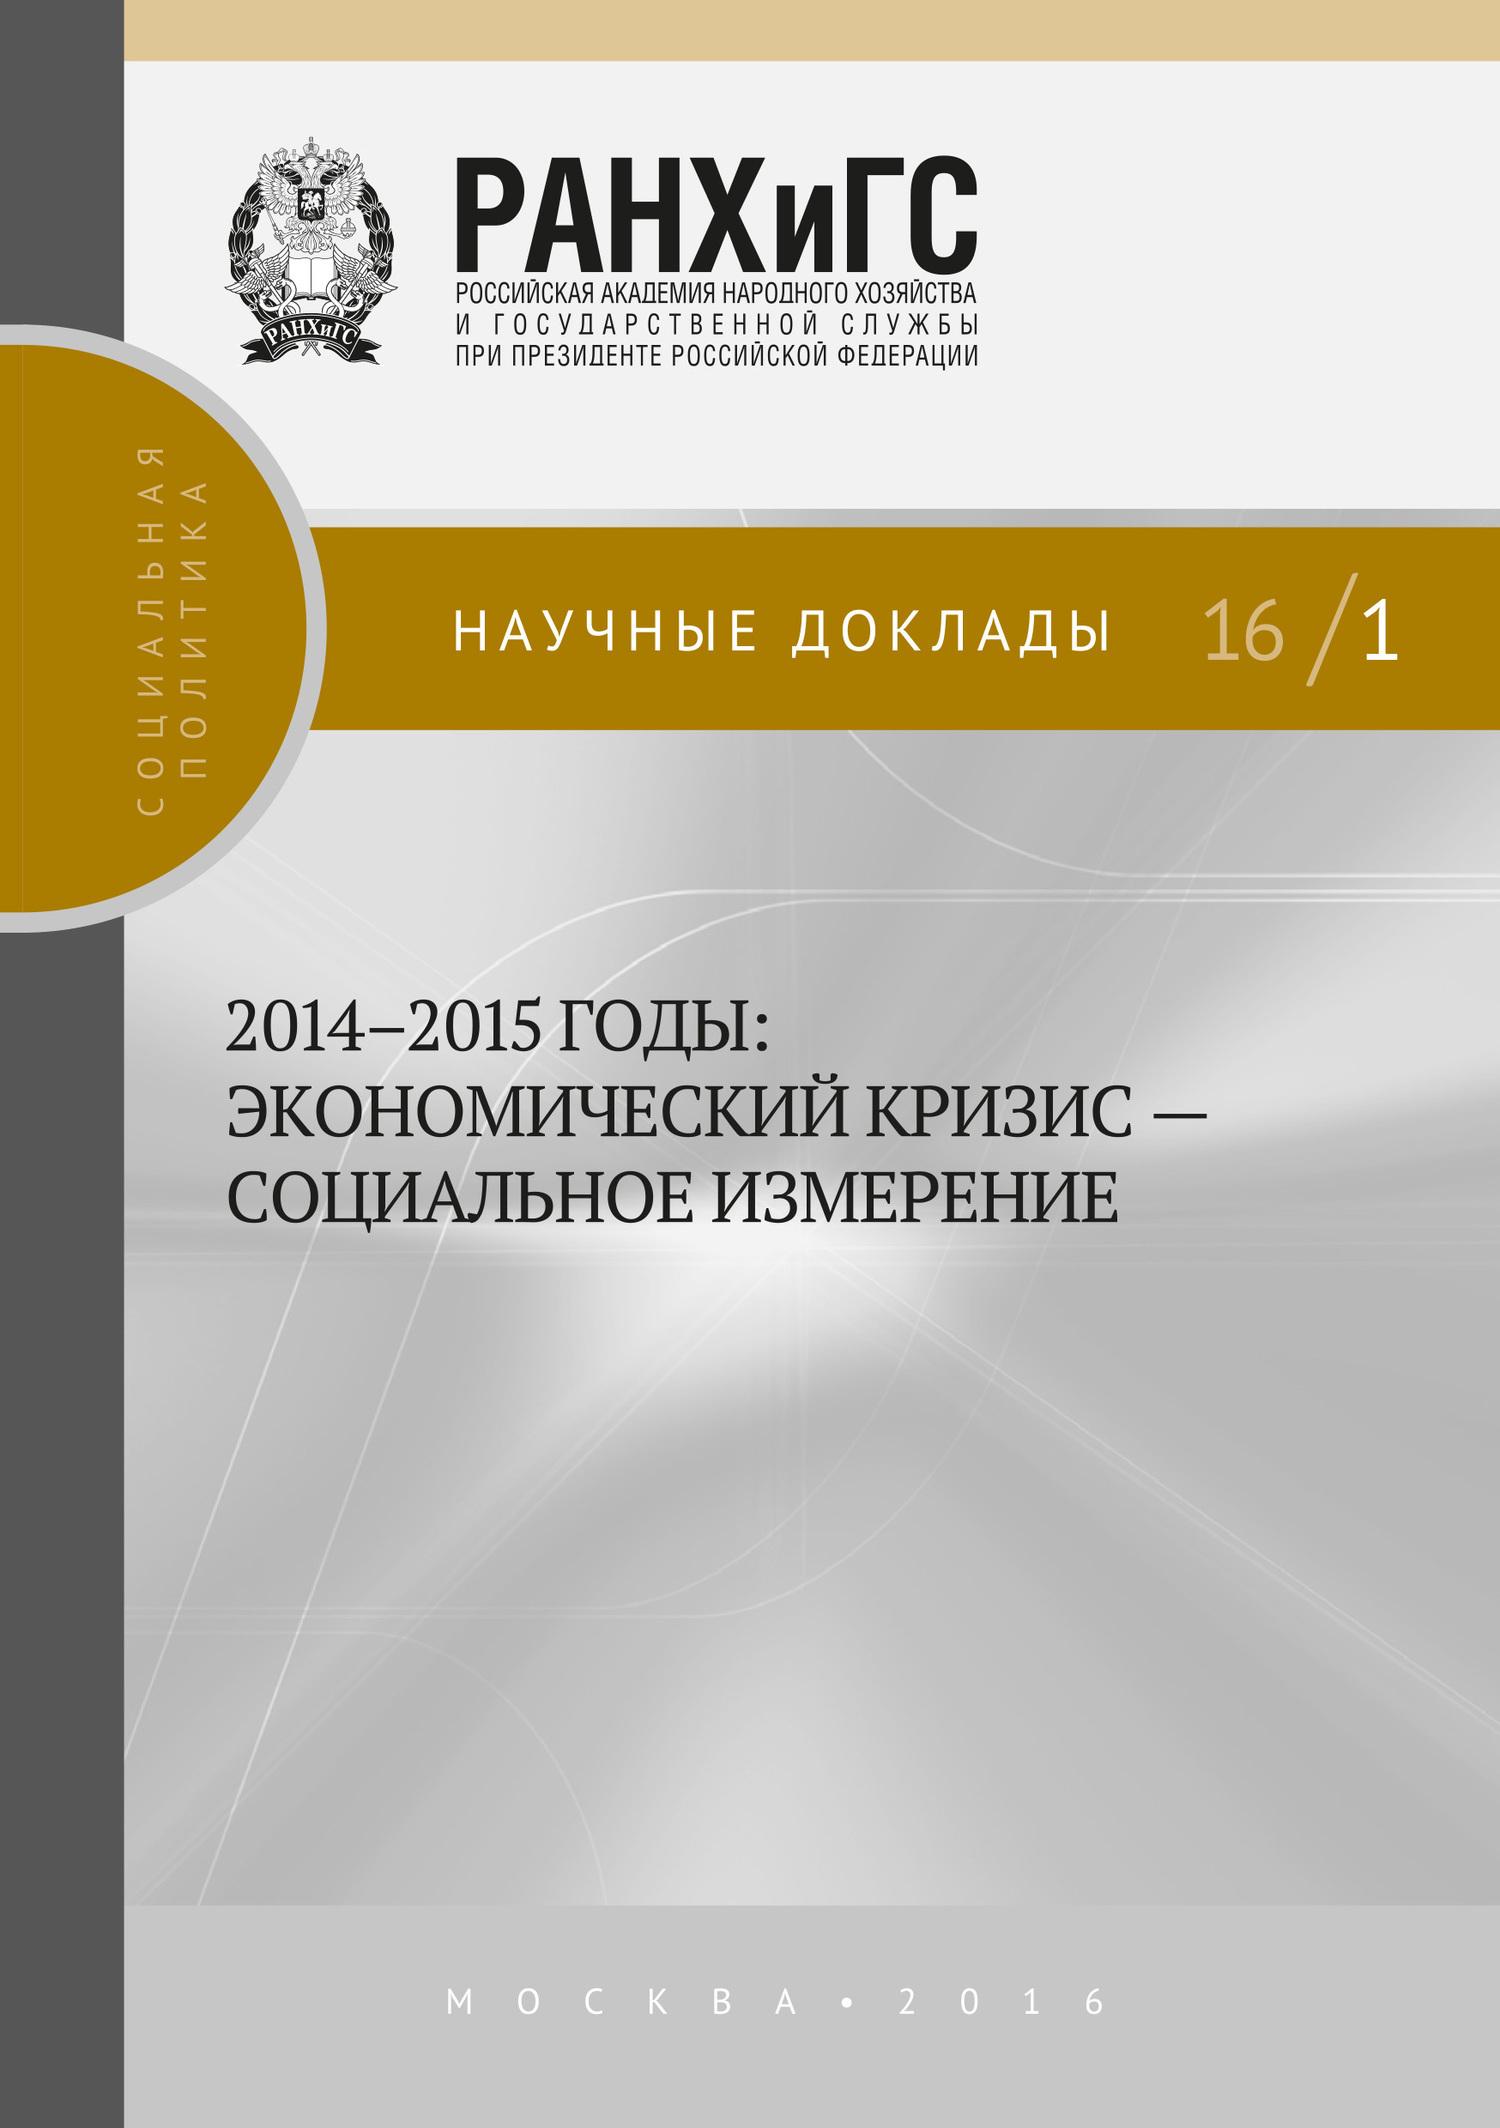 2014–2015 годы. Экономический кризис – социальное измерение